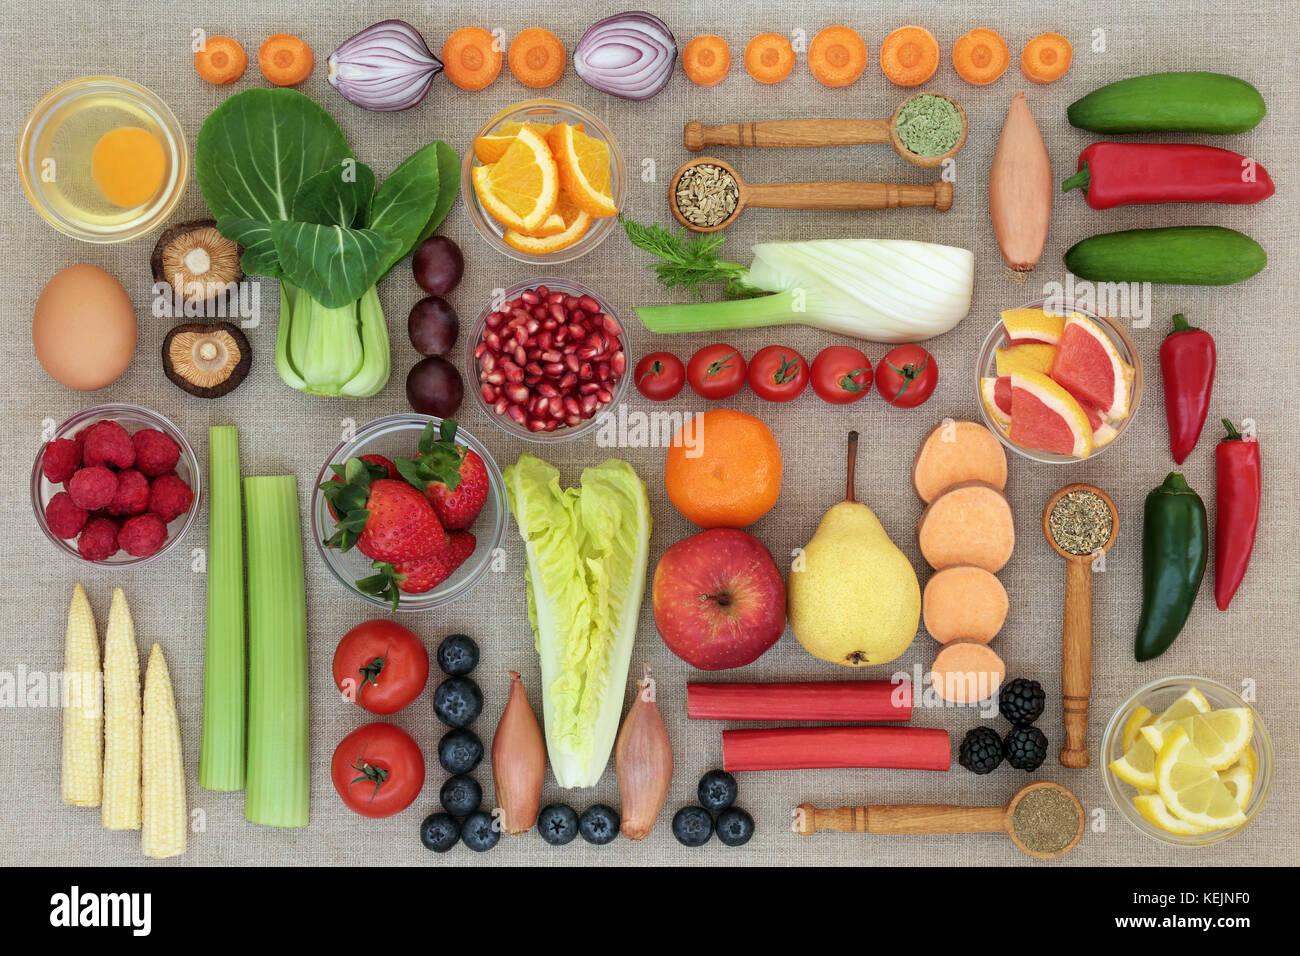 Super Essen für Gewicht-verlust-Konzept mit Obst, Gemüse, Milchprodukte, Nahrungsergänzung und Kräuter Stockbild